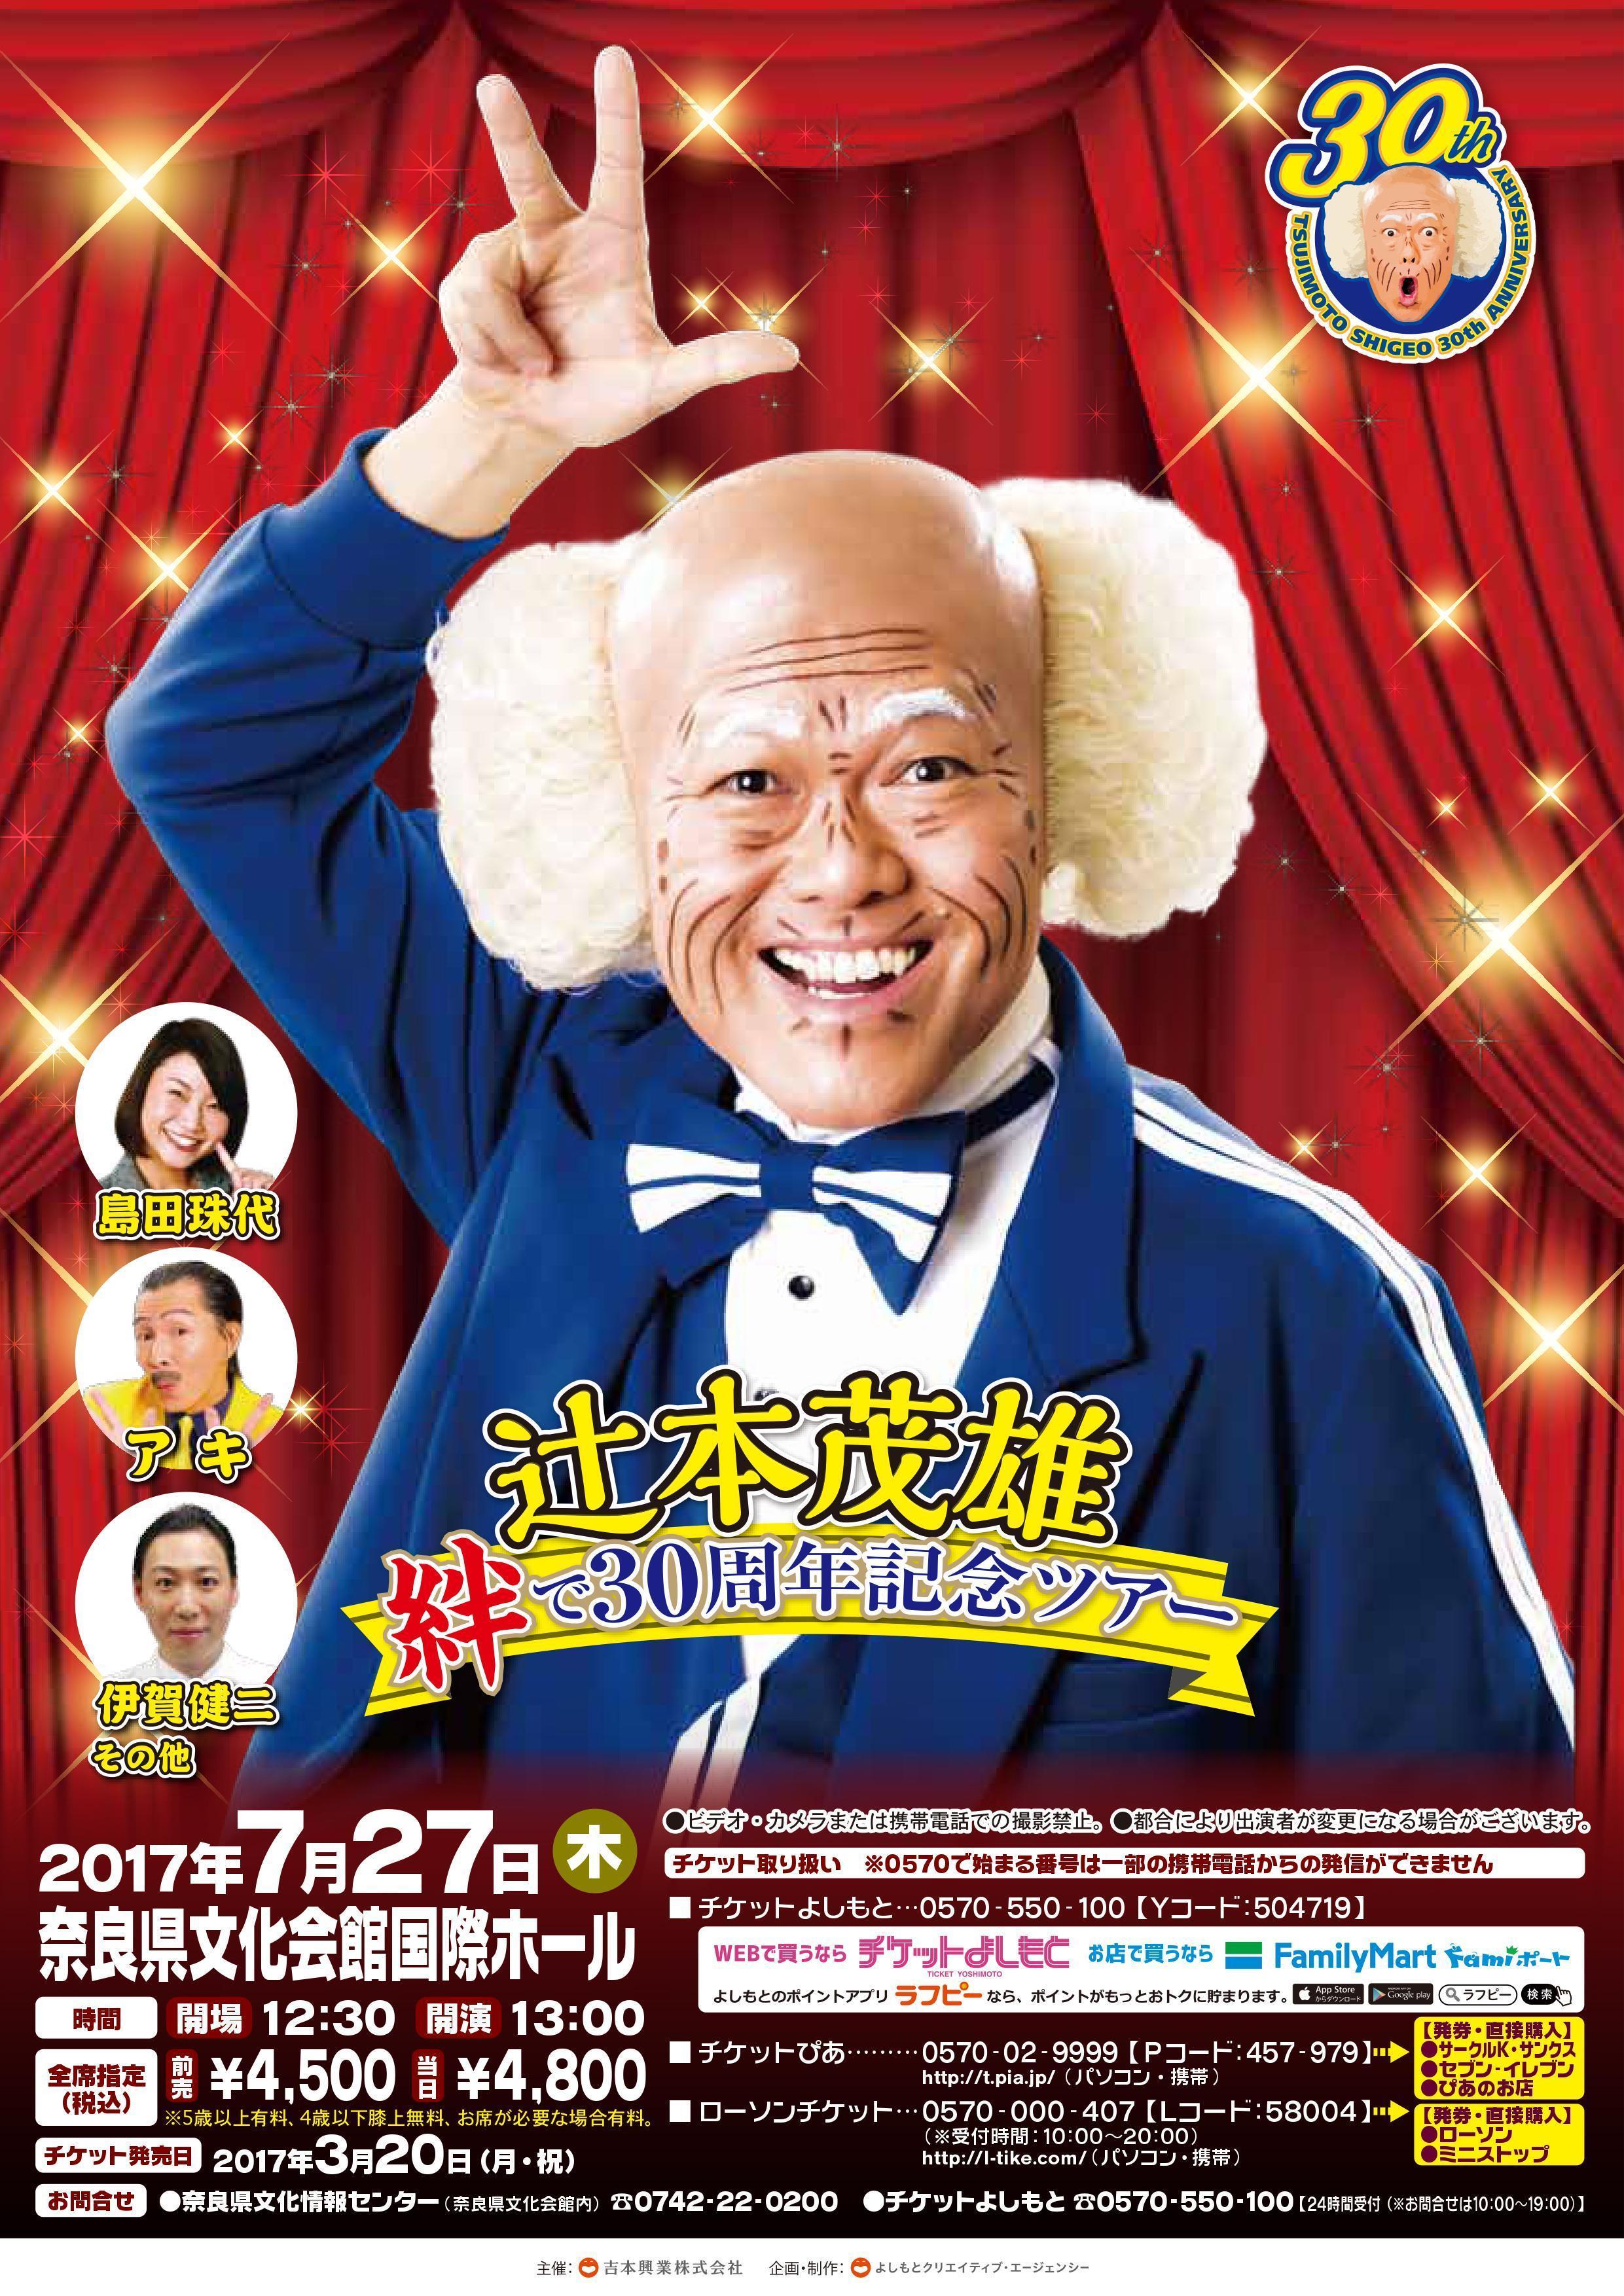 http://www.syumatsu.jp/20170501123930-0c4e3d771521b94c97fa5a4aa66bf2cc857fda09.jpg